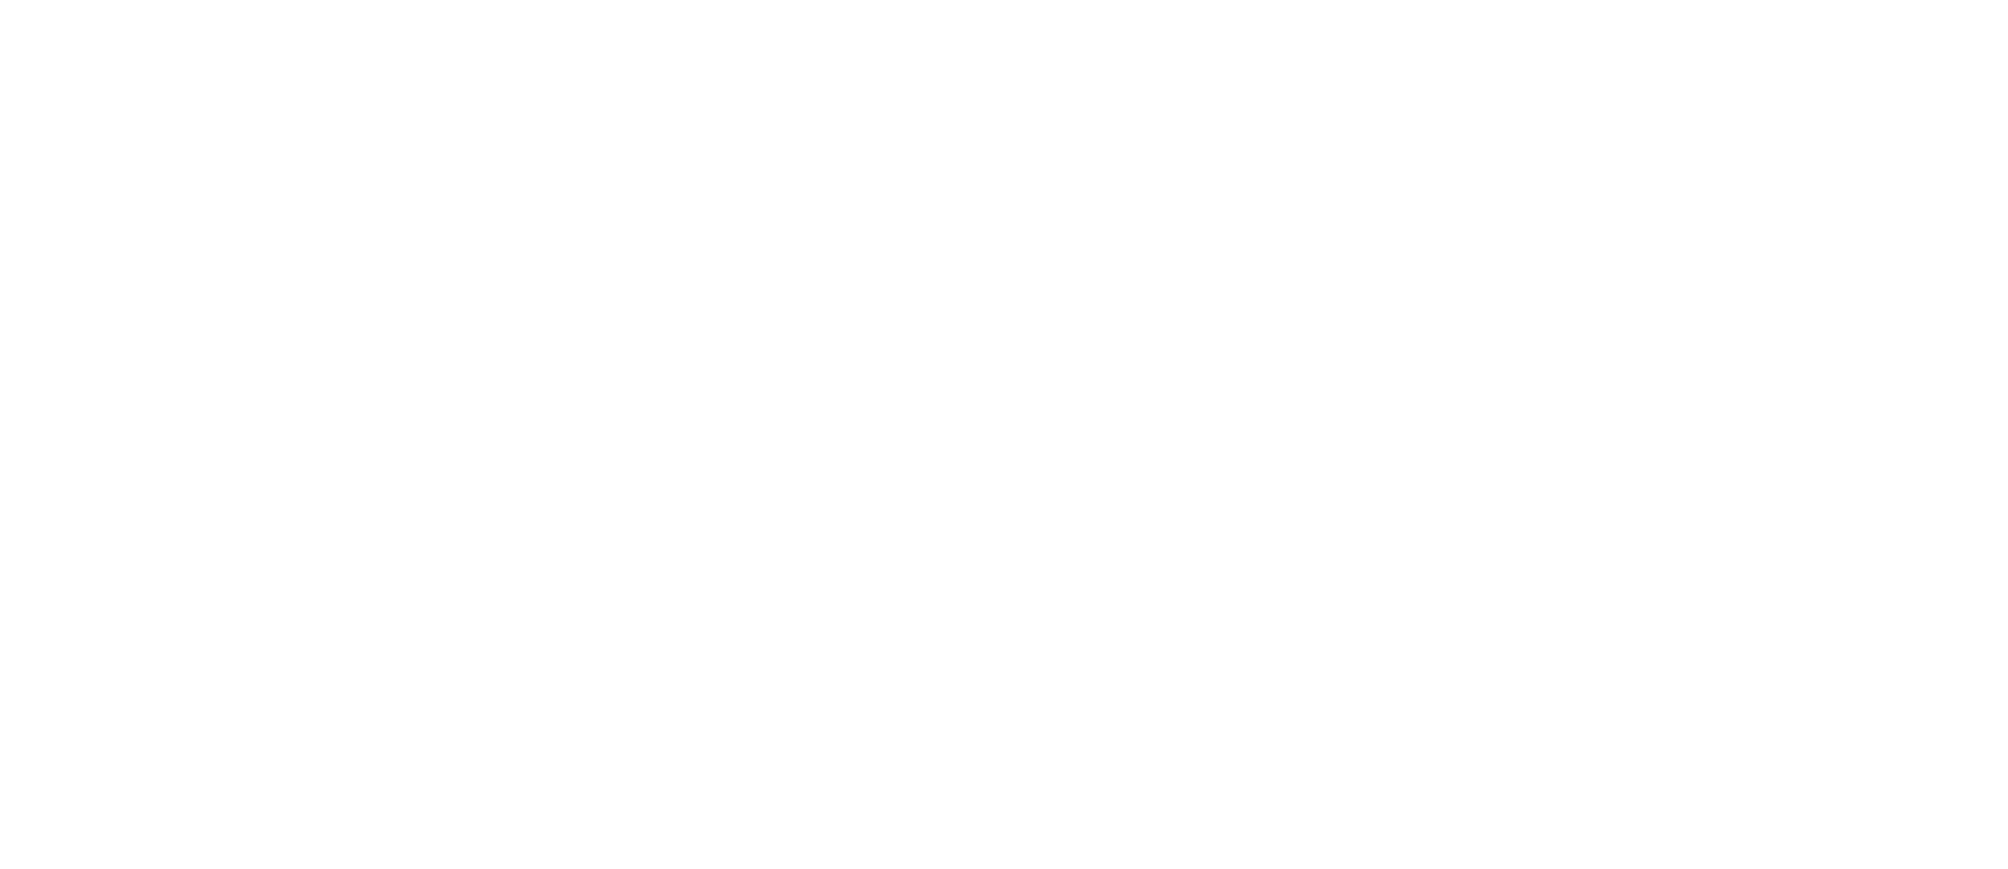 Rudells Sample